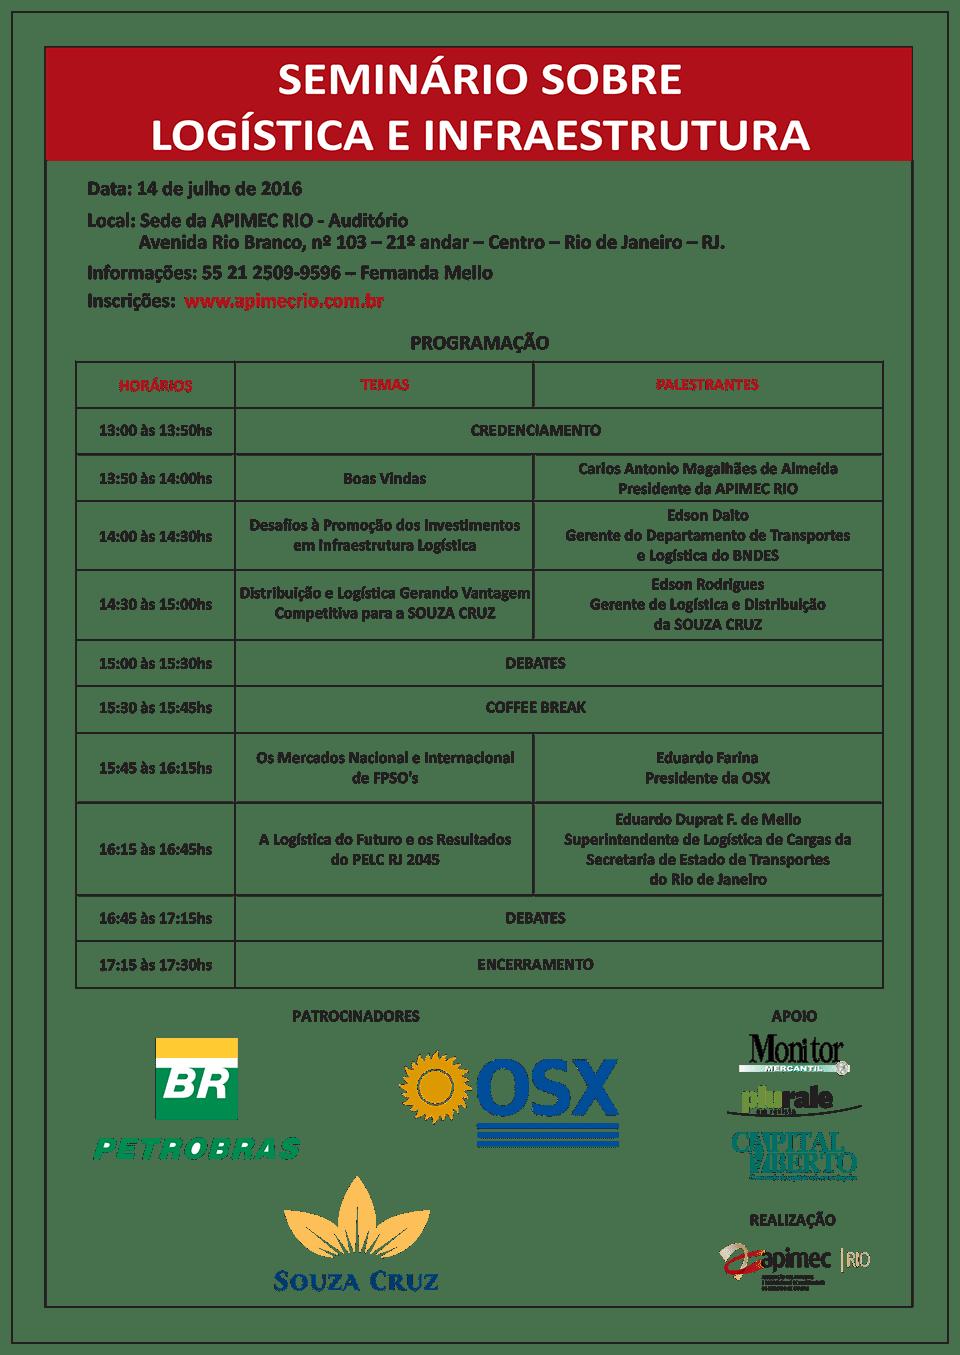 Seminário sobre Logística e Infraestrutura_2016